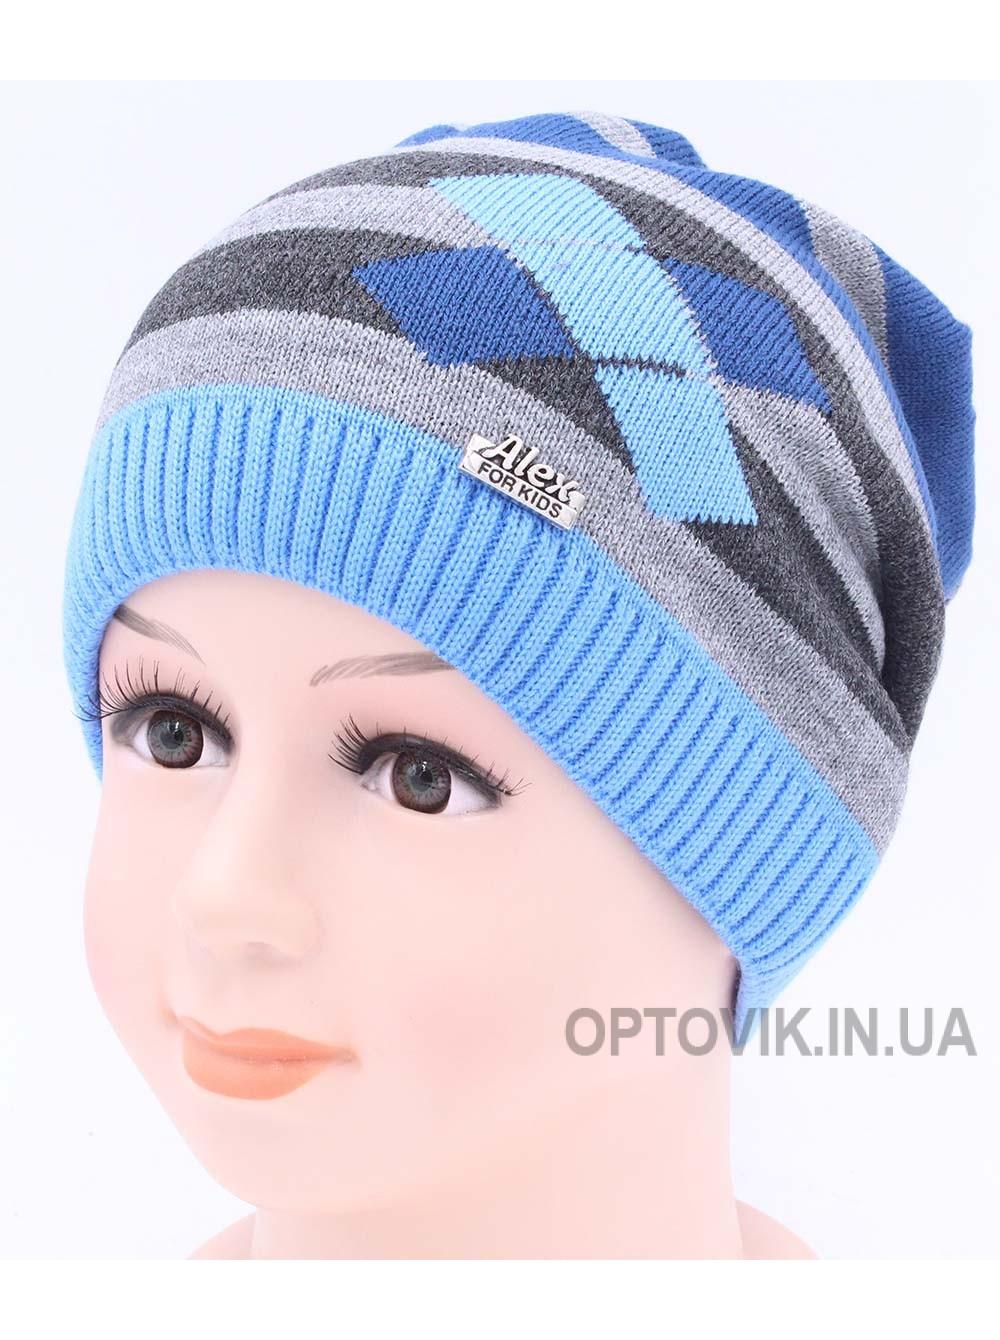 Детская вязаная шапка D42423-46-50